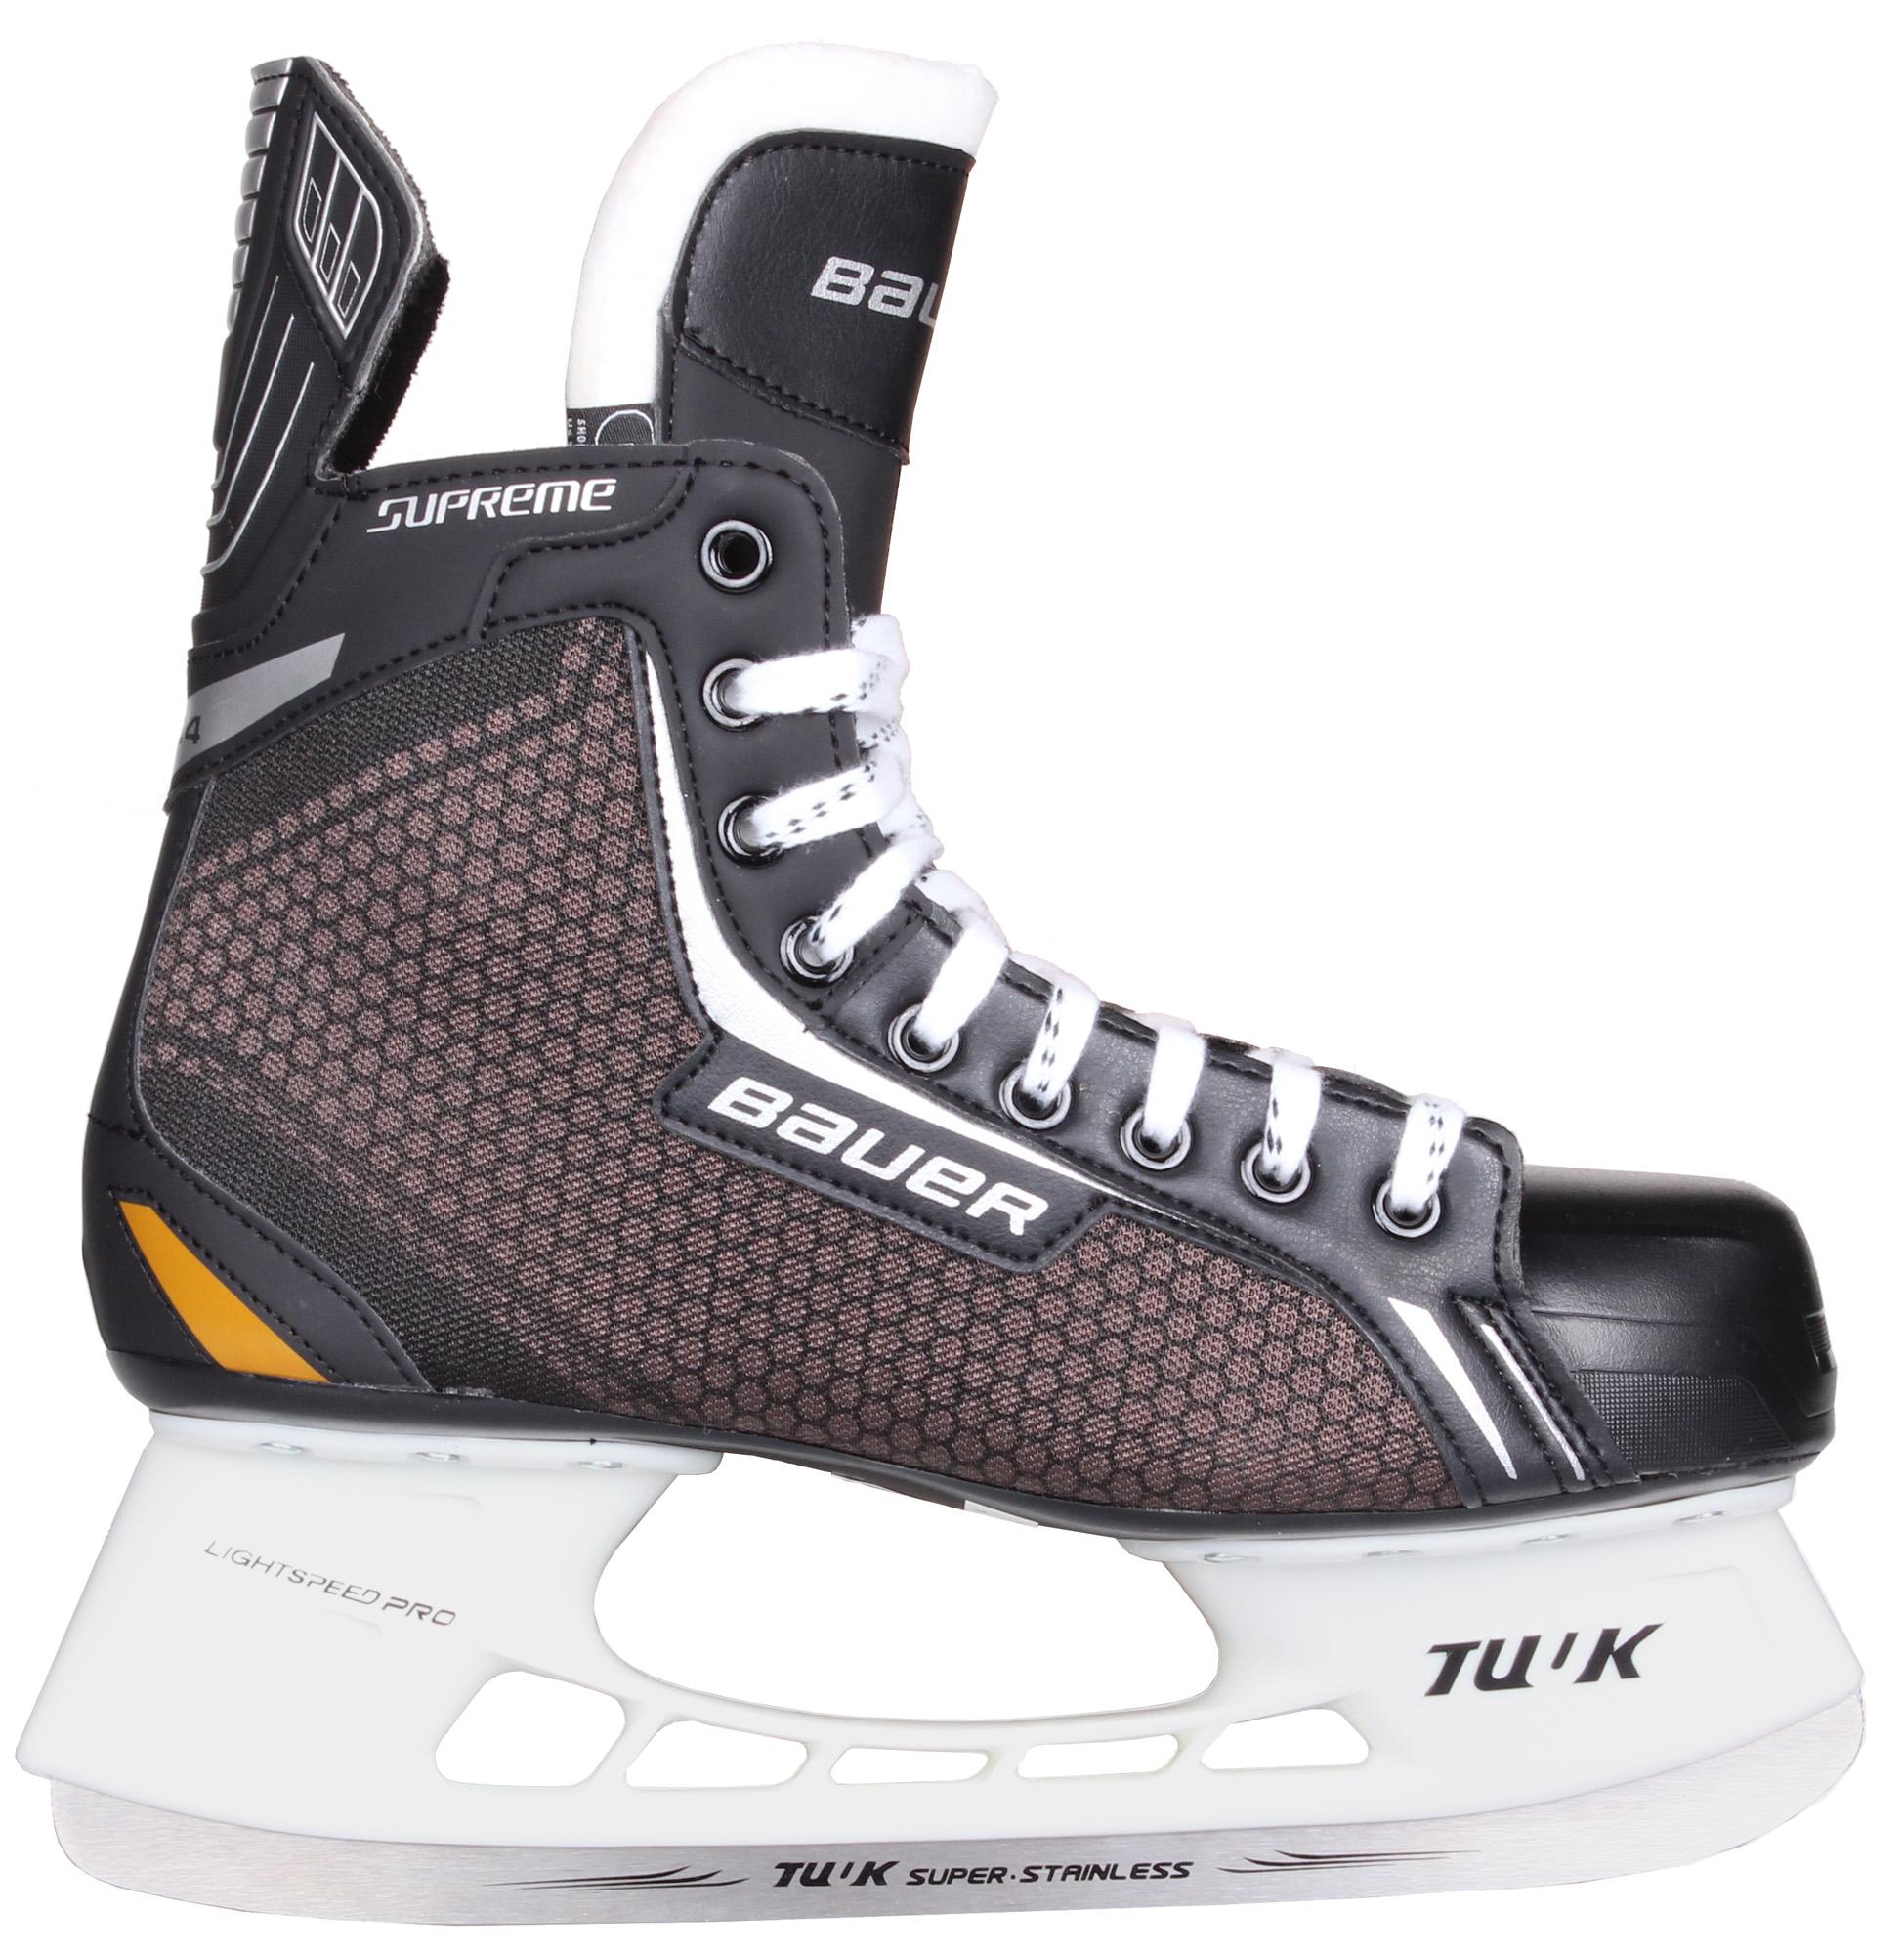 BAUER Supreme One.4 SR hokejové brusle, šíře RUK 7